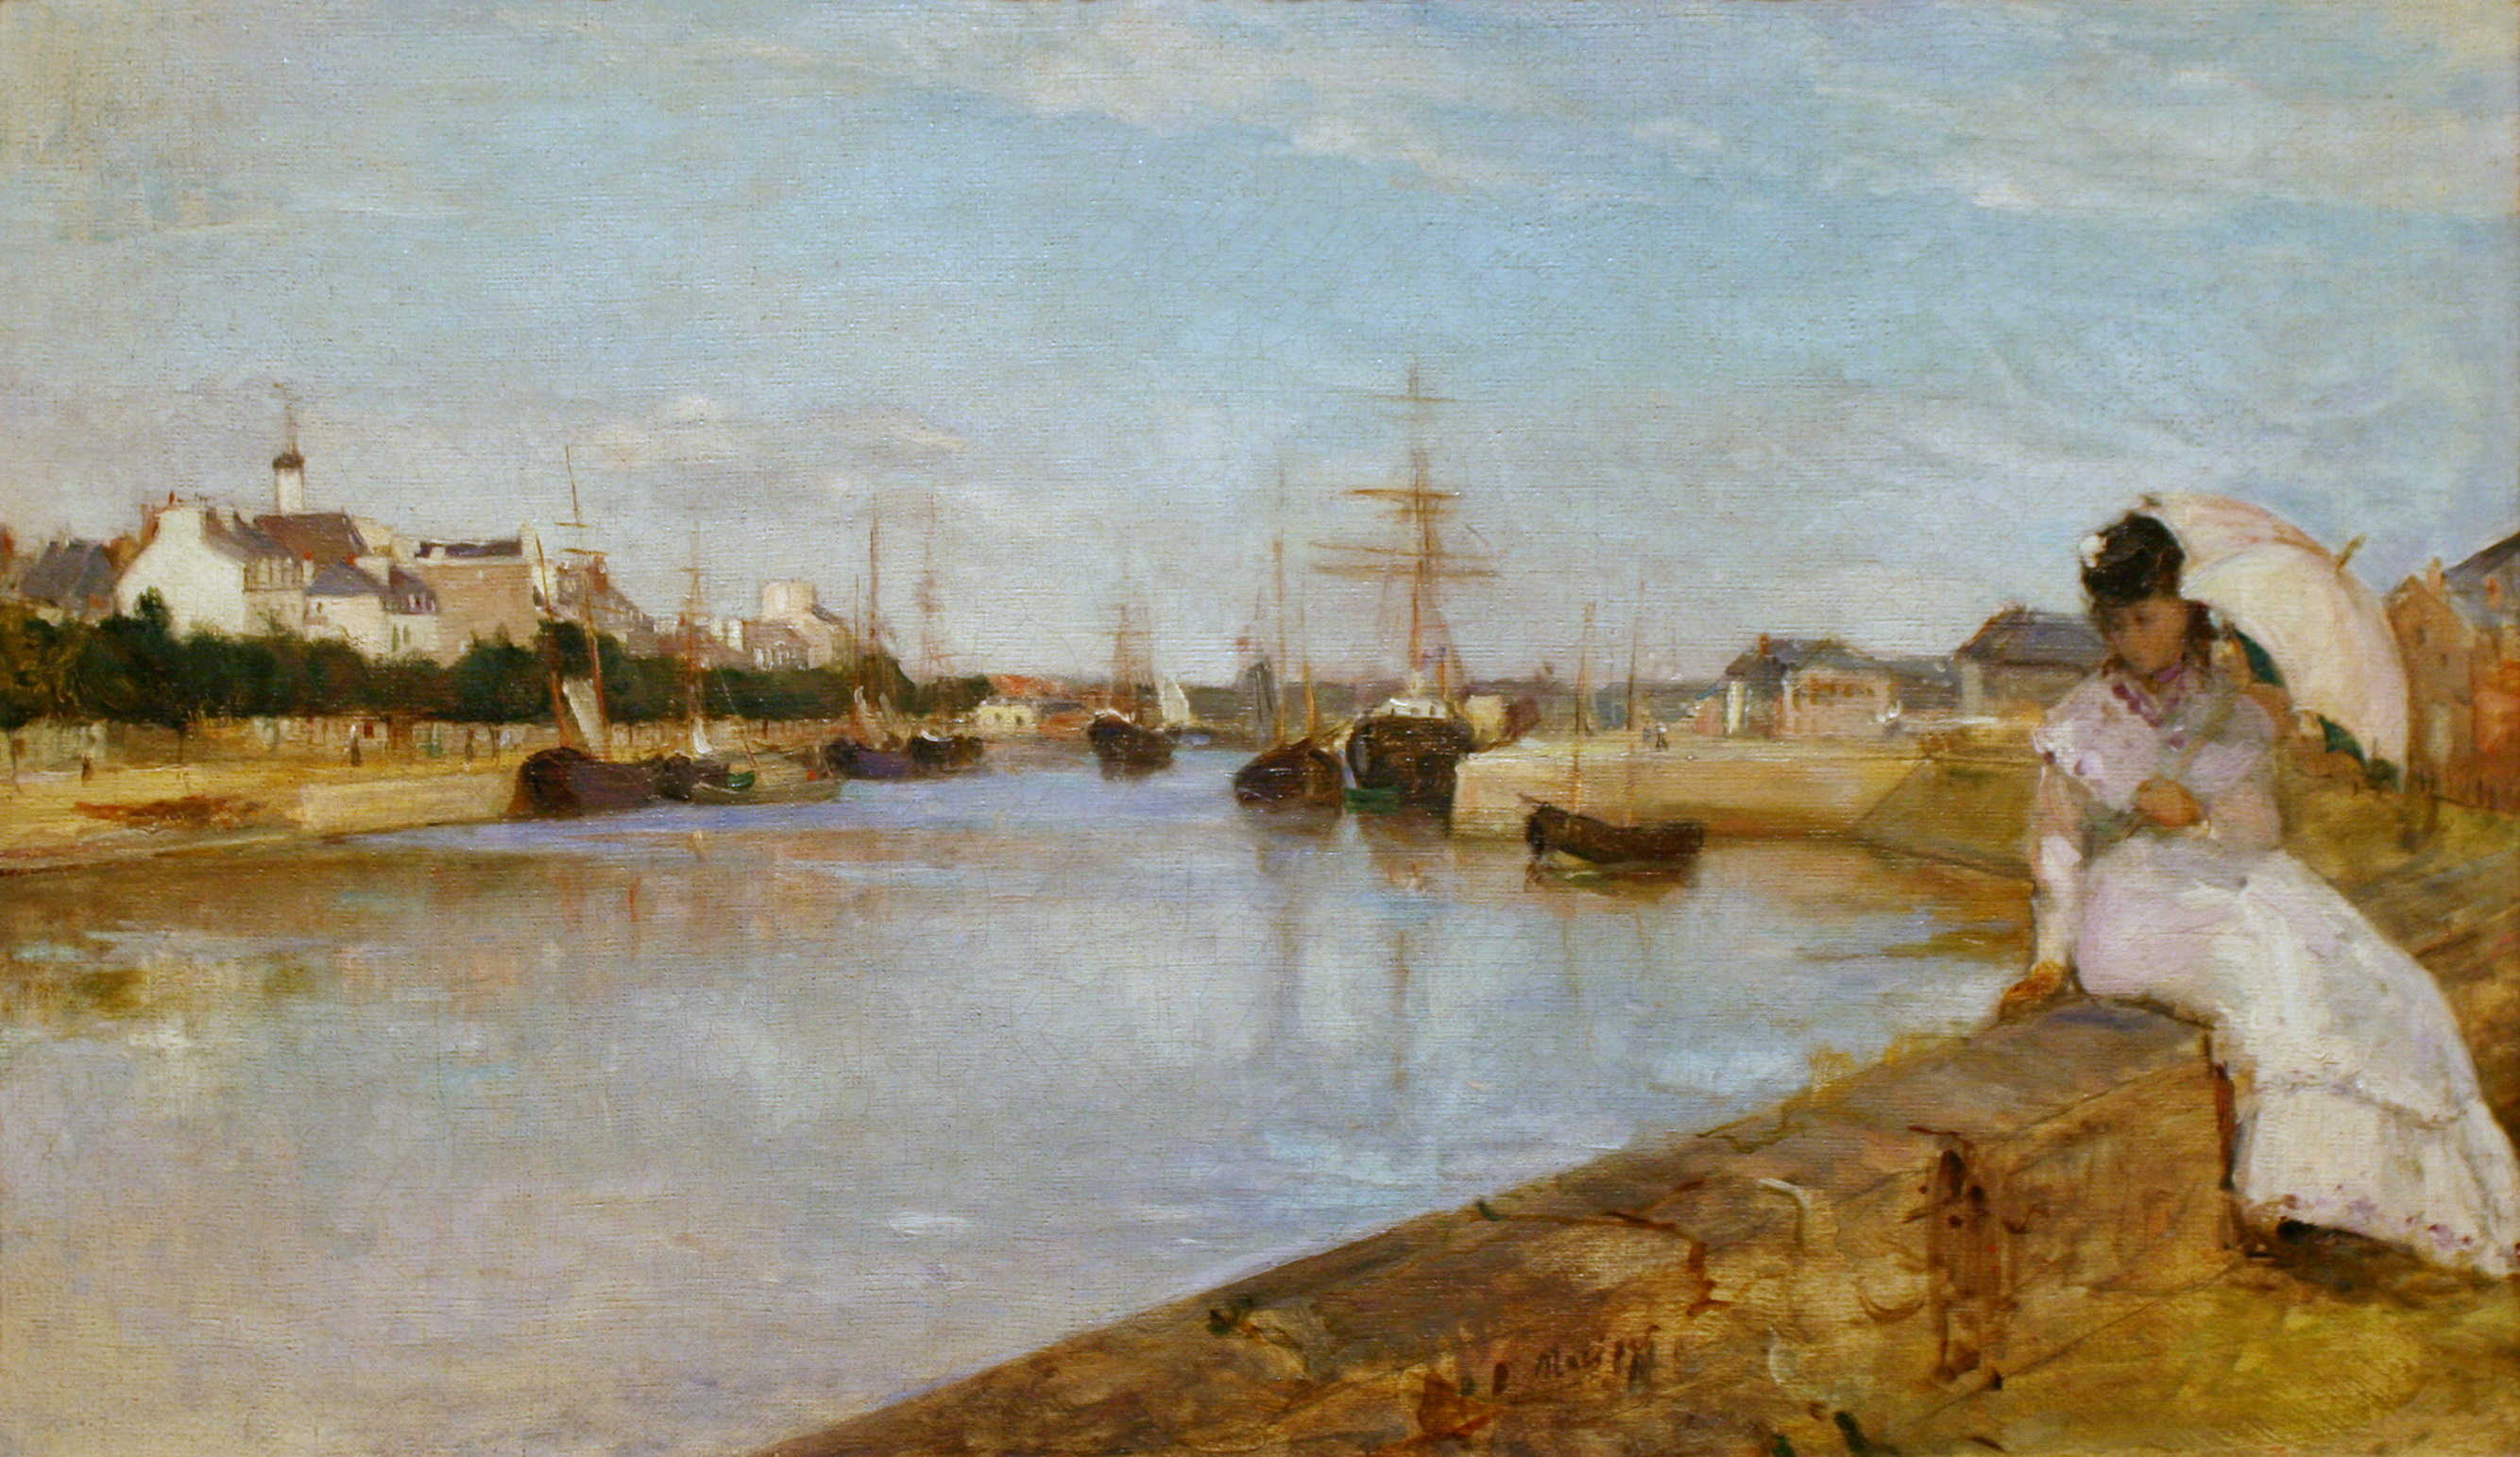 Ce tableau de Berthe Morisot représente an arrière-plan Le Port de Lorient, avec des bâtisses et des navires ; au premier plan, une femme en robe blanche, avec une ombrelle à la main, est assise sur un muret